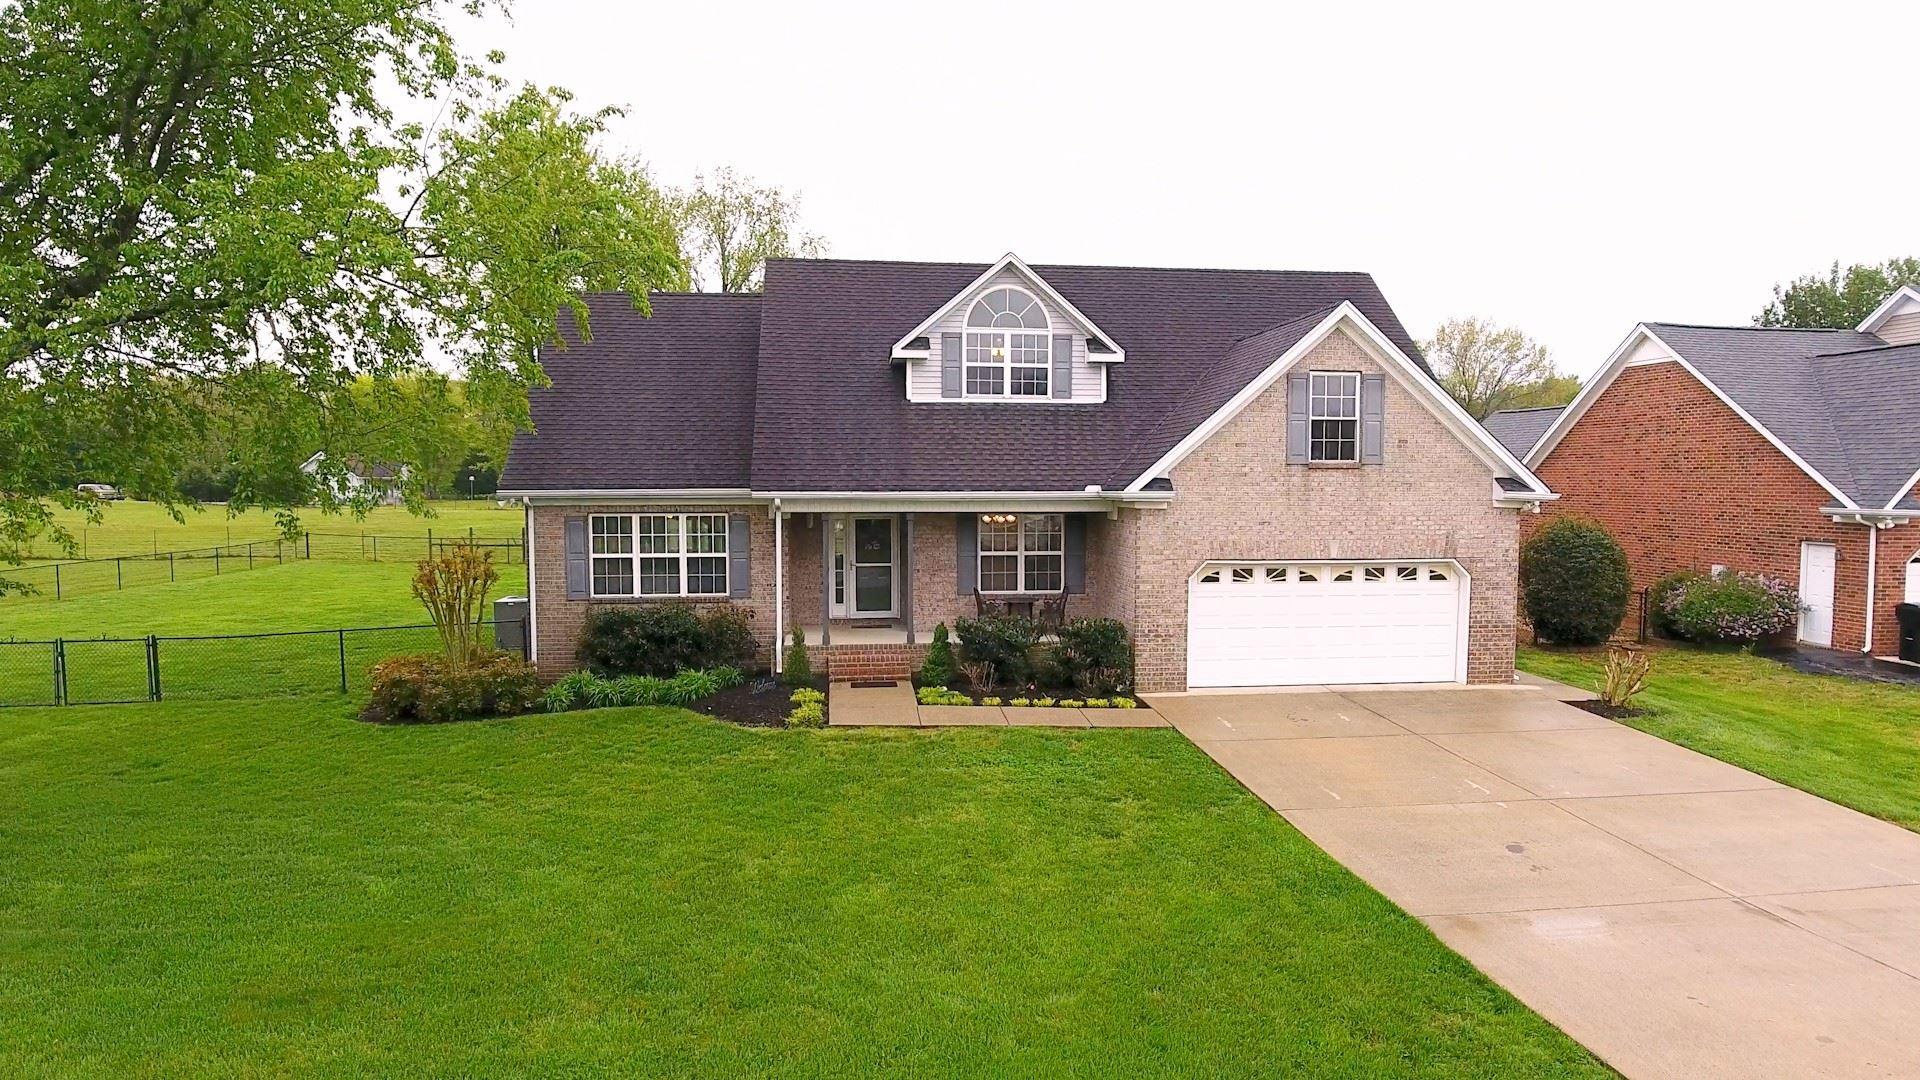 208 Arkow Ln, Murfreesboro, TN 37128 - MLS#: 2249904